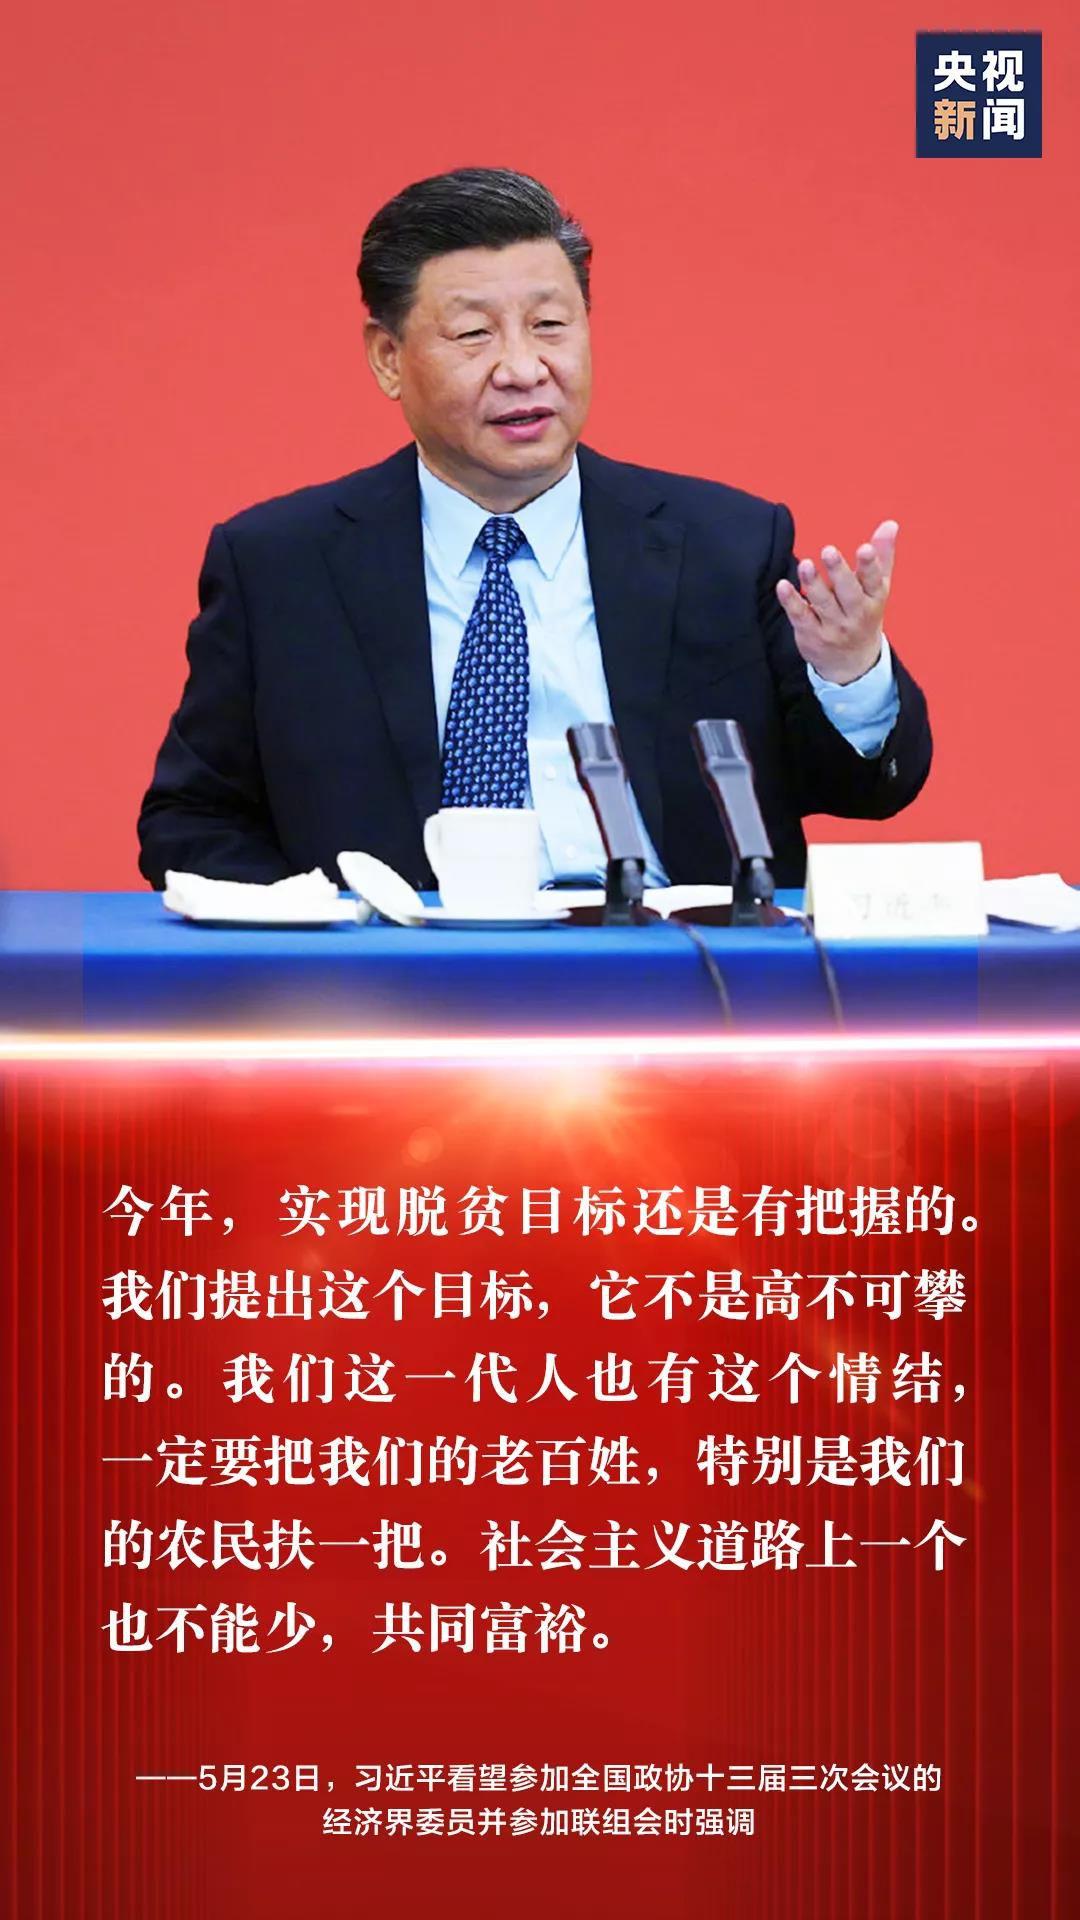 对国内外经济形势,习近平有最新判断